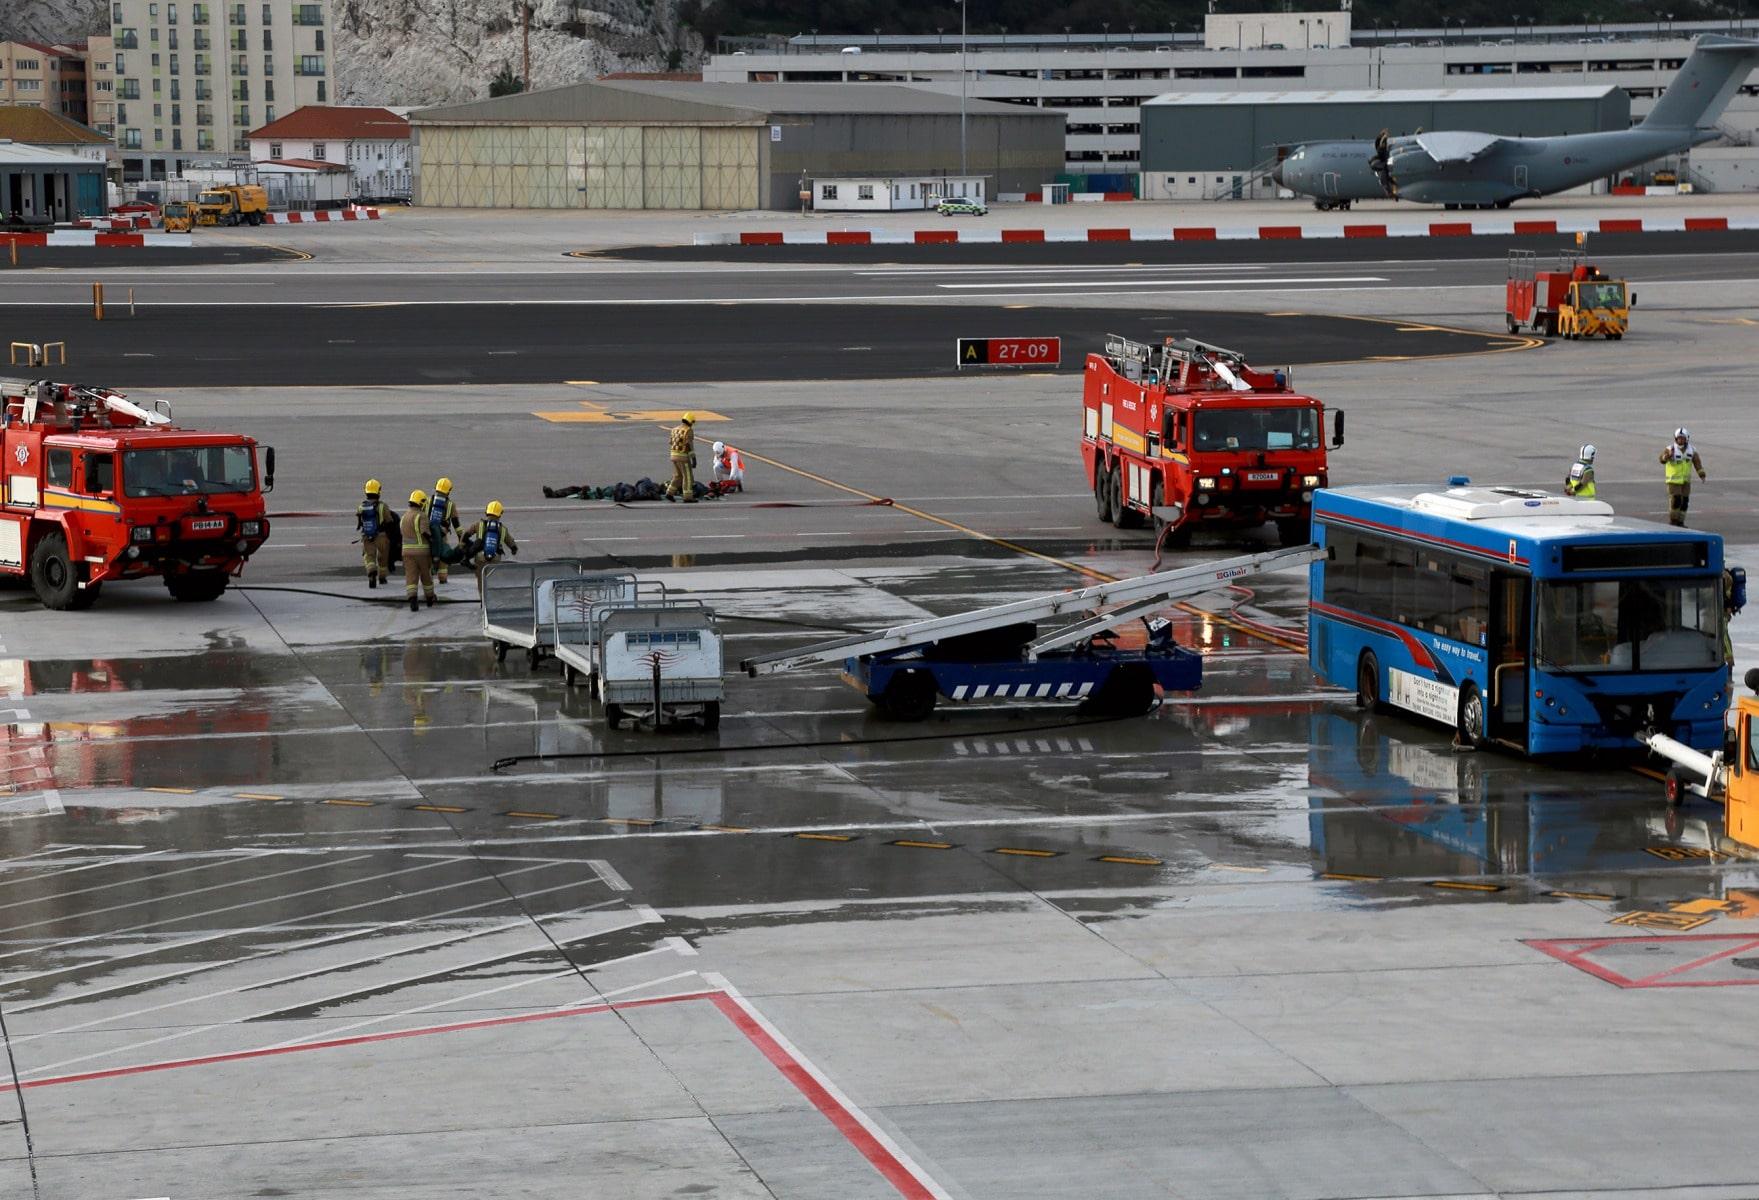 09-feb-2016-simulacro-de-incidente-en-el-aeropuerto-de-gibraltar_24821641881_o